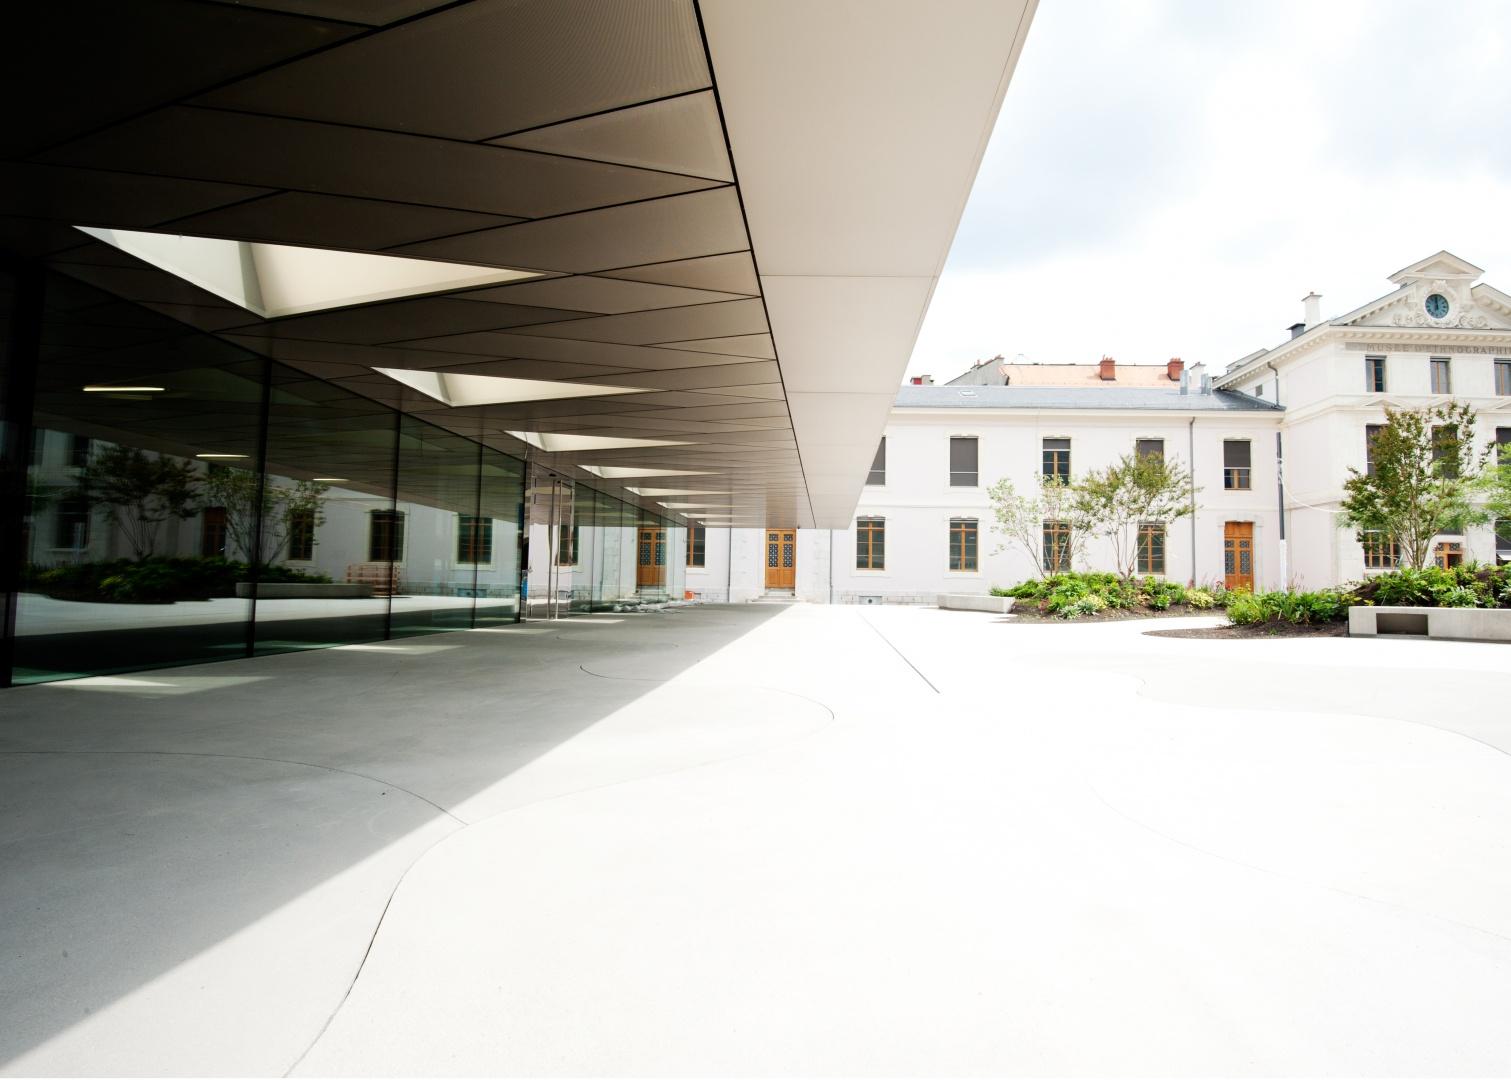 Eingangsbereich © Blaise Glauser, MEG